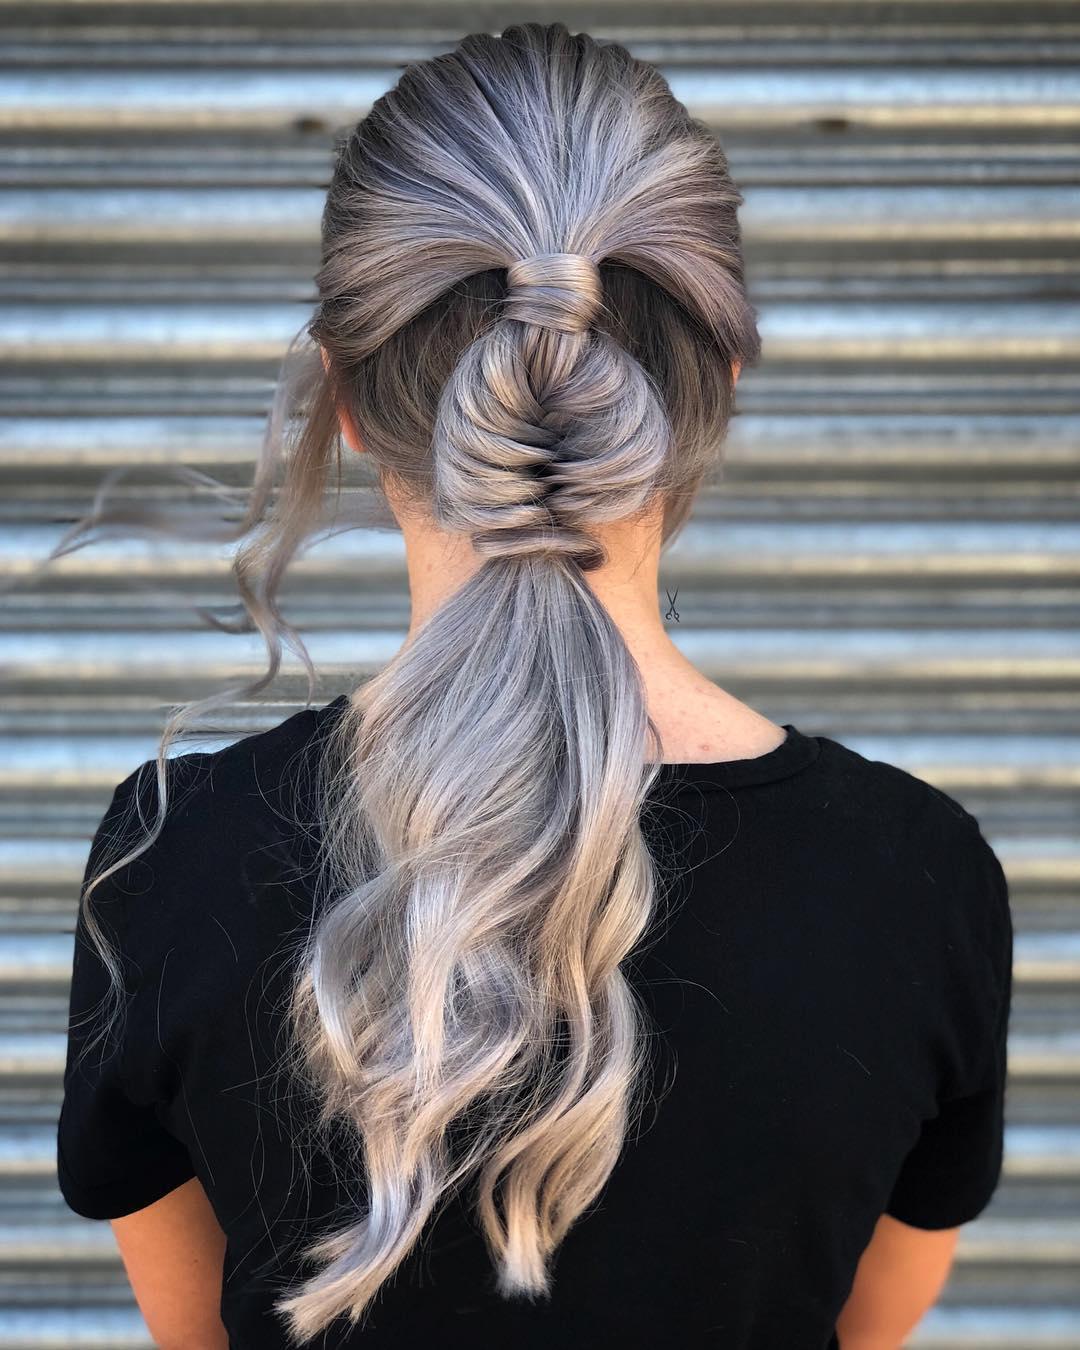 Simple y con estilo peinados vikingos Galería de ideas de coloración del cabello - Peinados vikingos: la tendencia que definitivamente debes ...